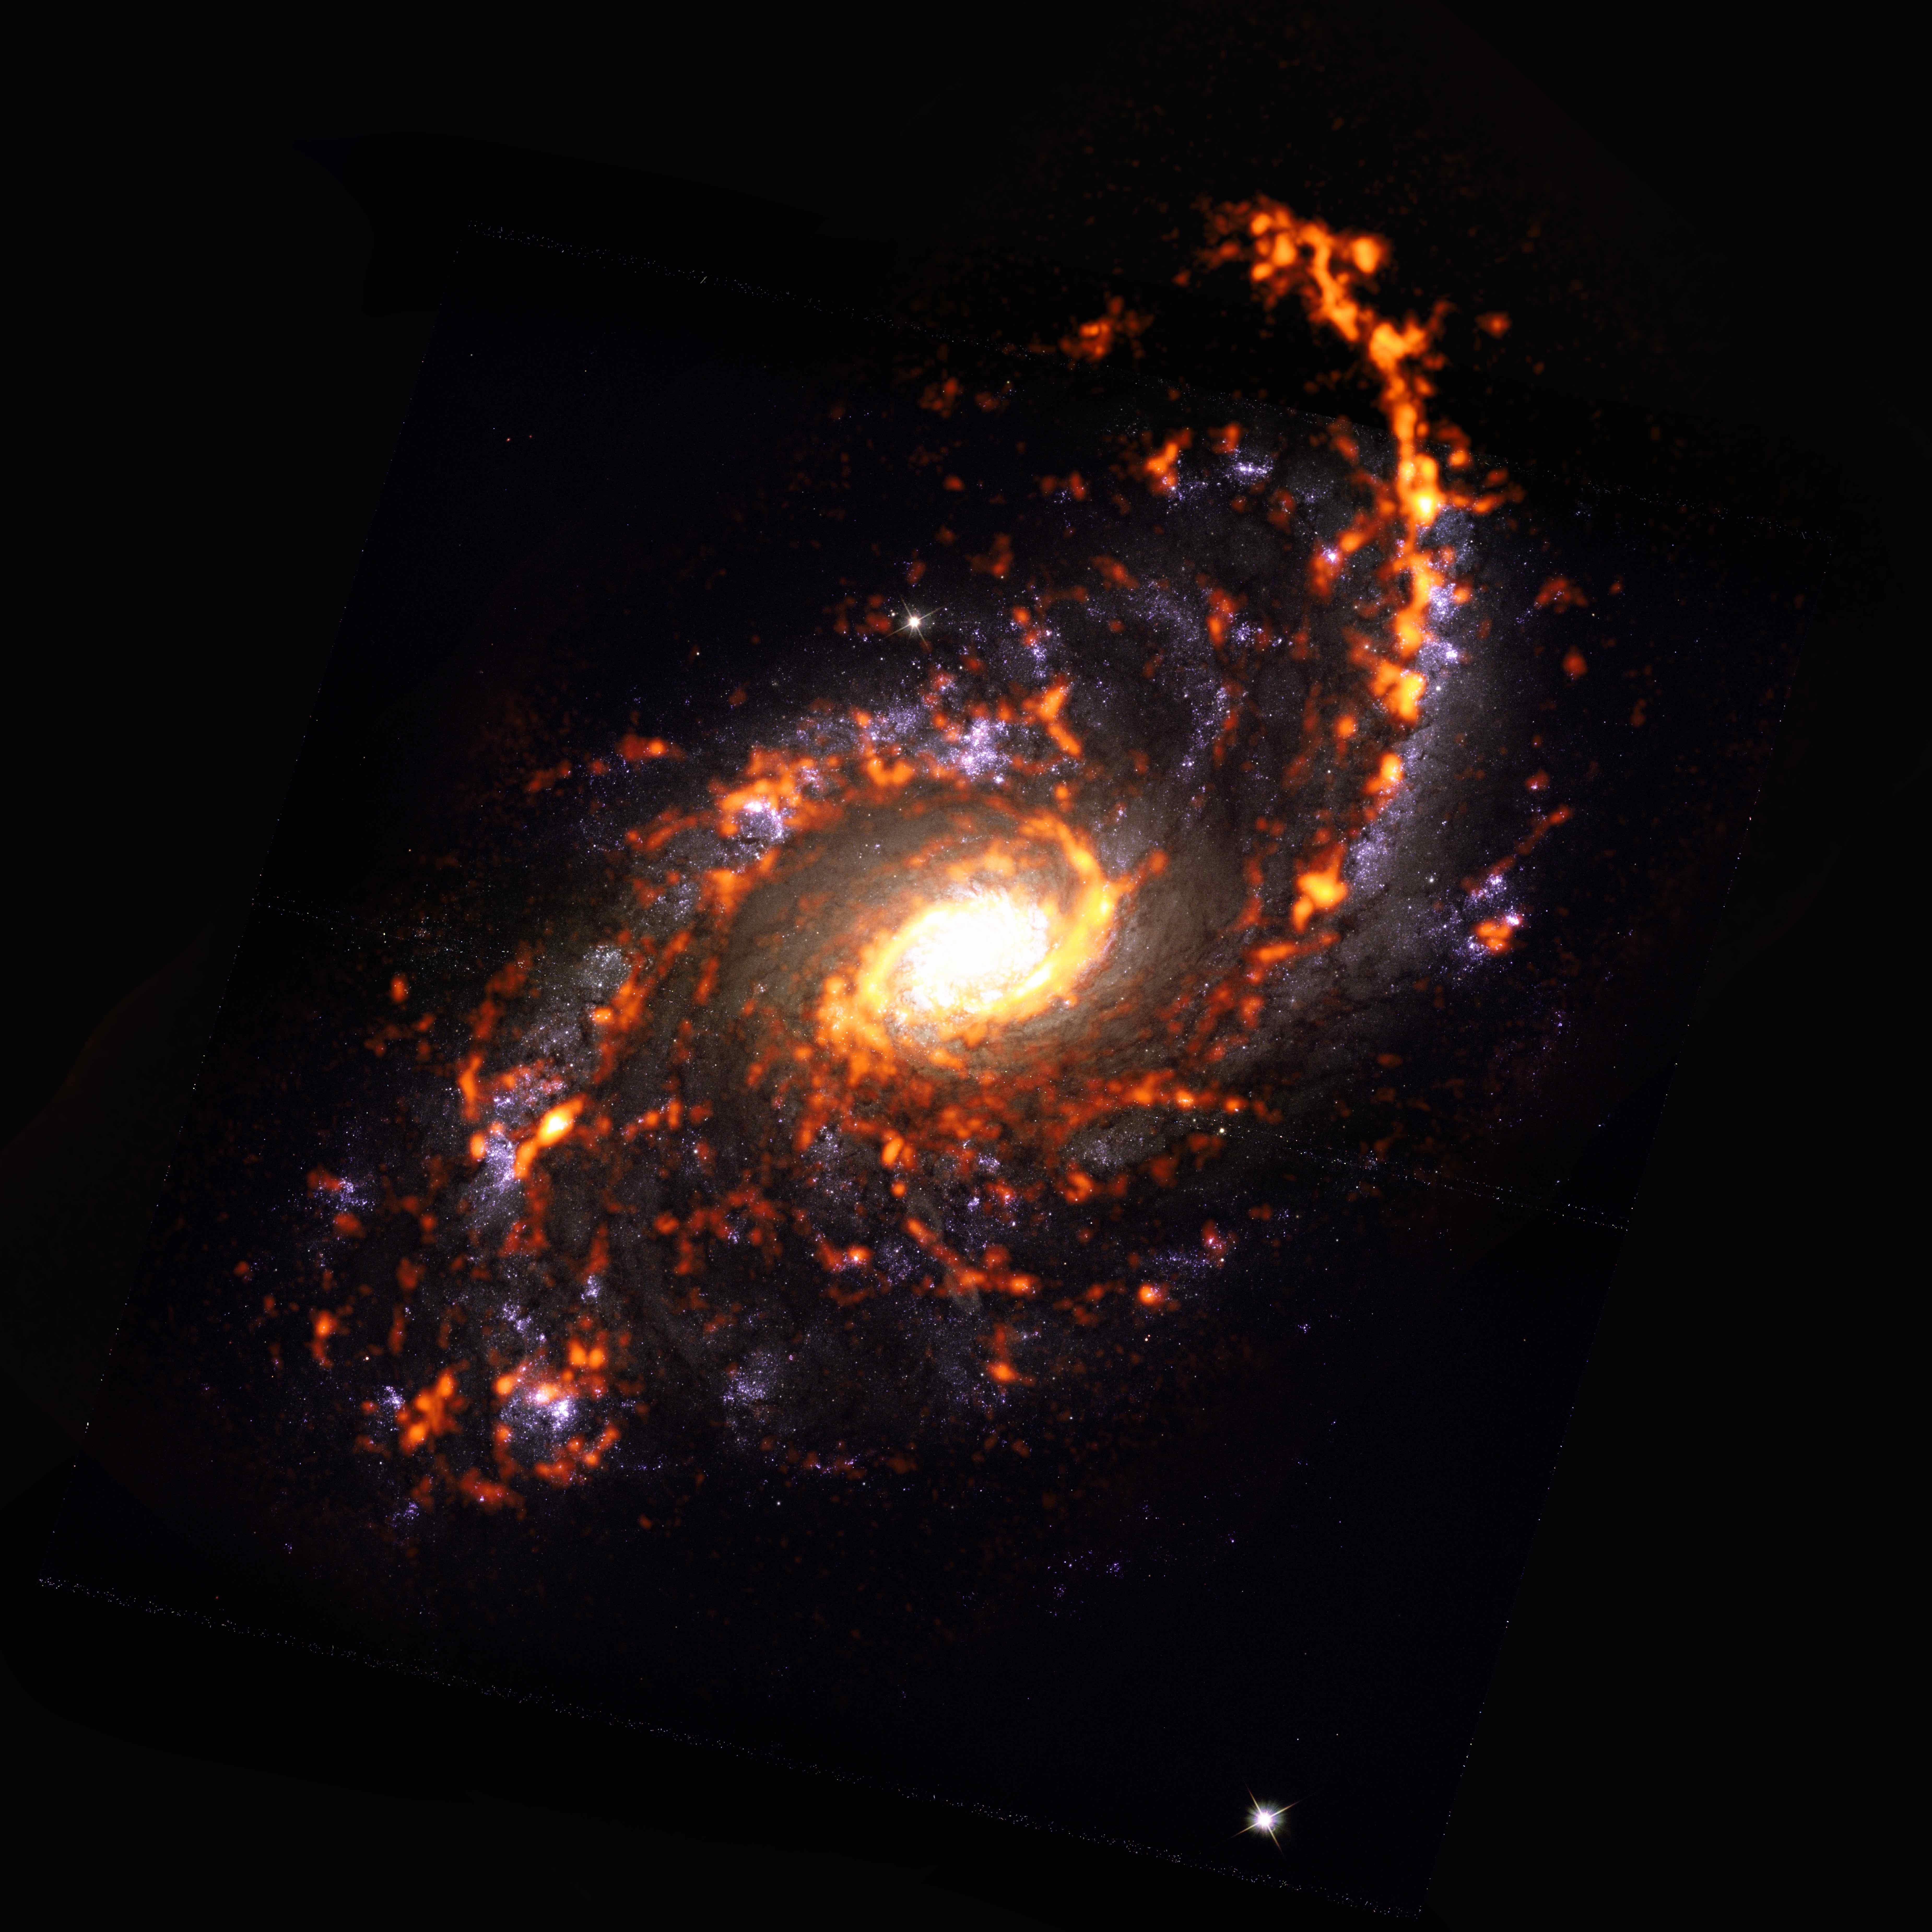 PHANGS-ALMA Survey: NGC5248